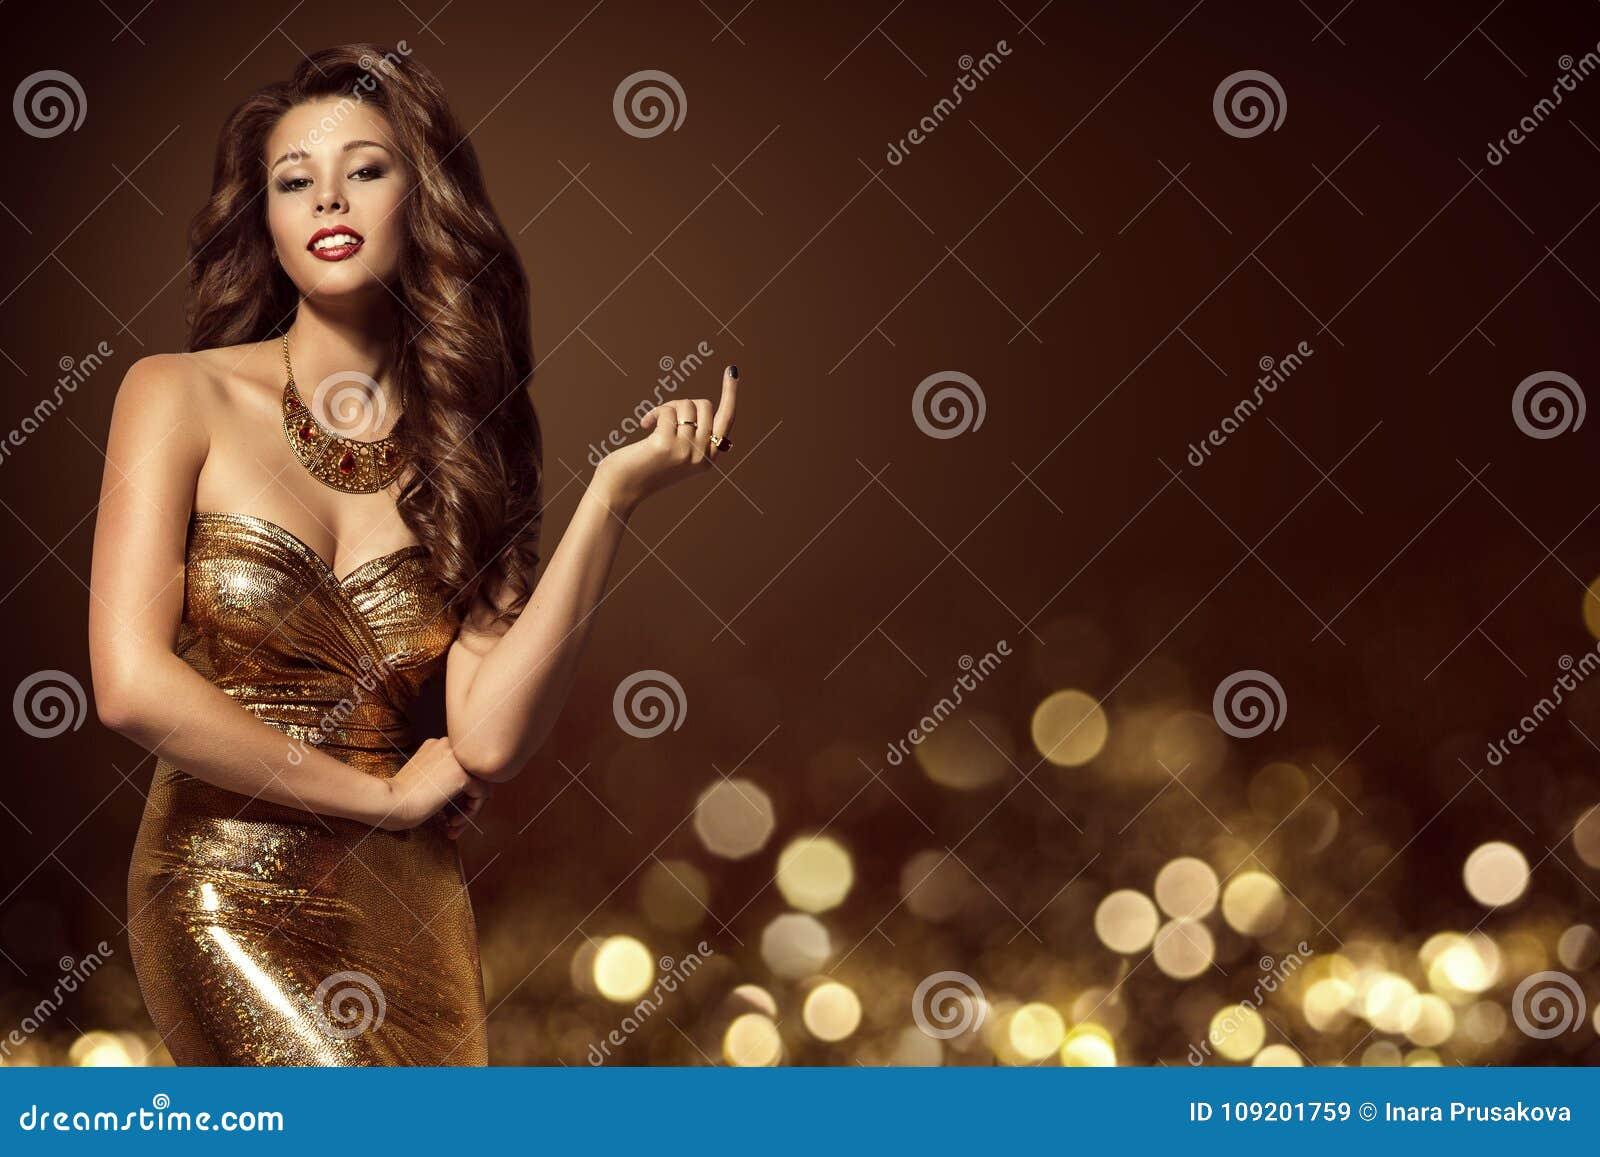 Mode-Modell Gold Dress, elegante junge Frau im goldenen Kleid